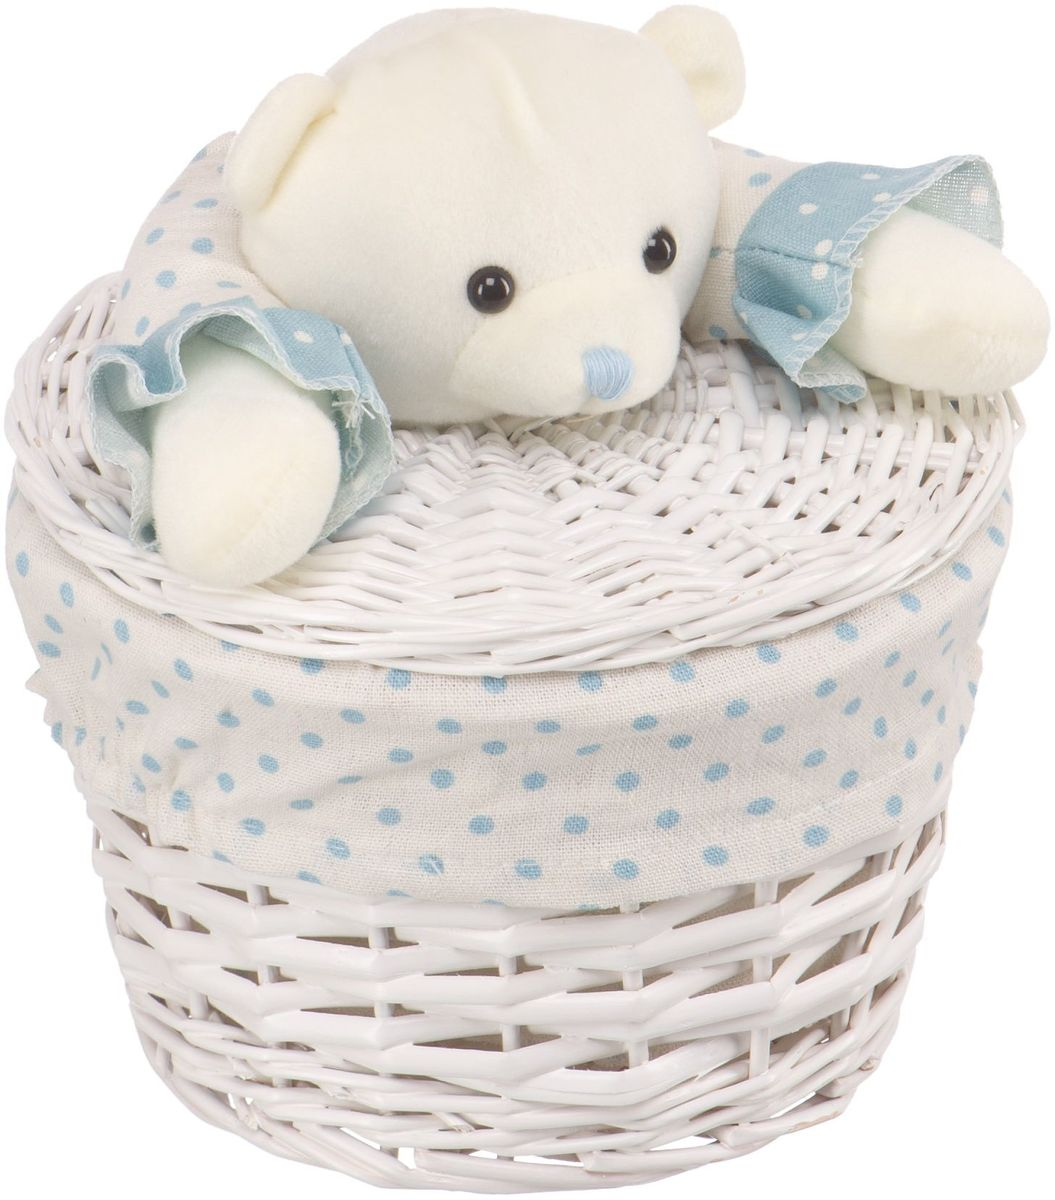 Корзина для белья Natural House Медвежонок синий, цвет: молочный, 21 х 21 x 16 смEW-33 XS0